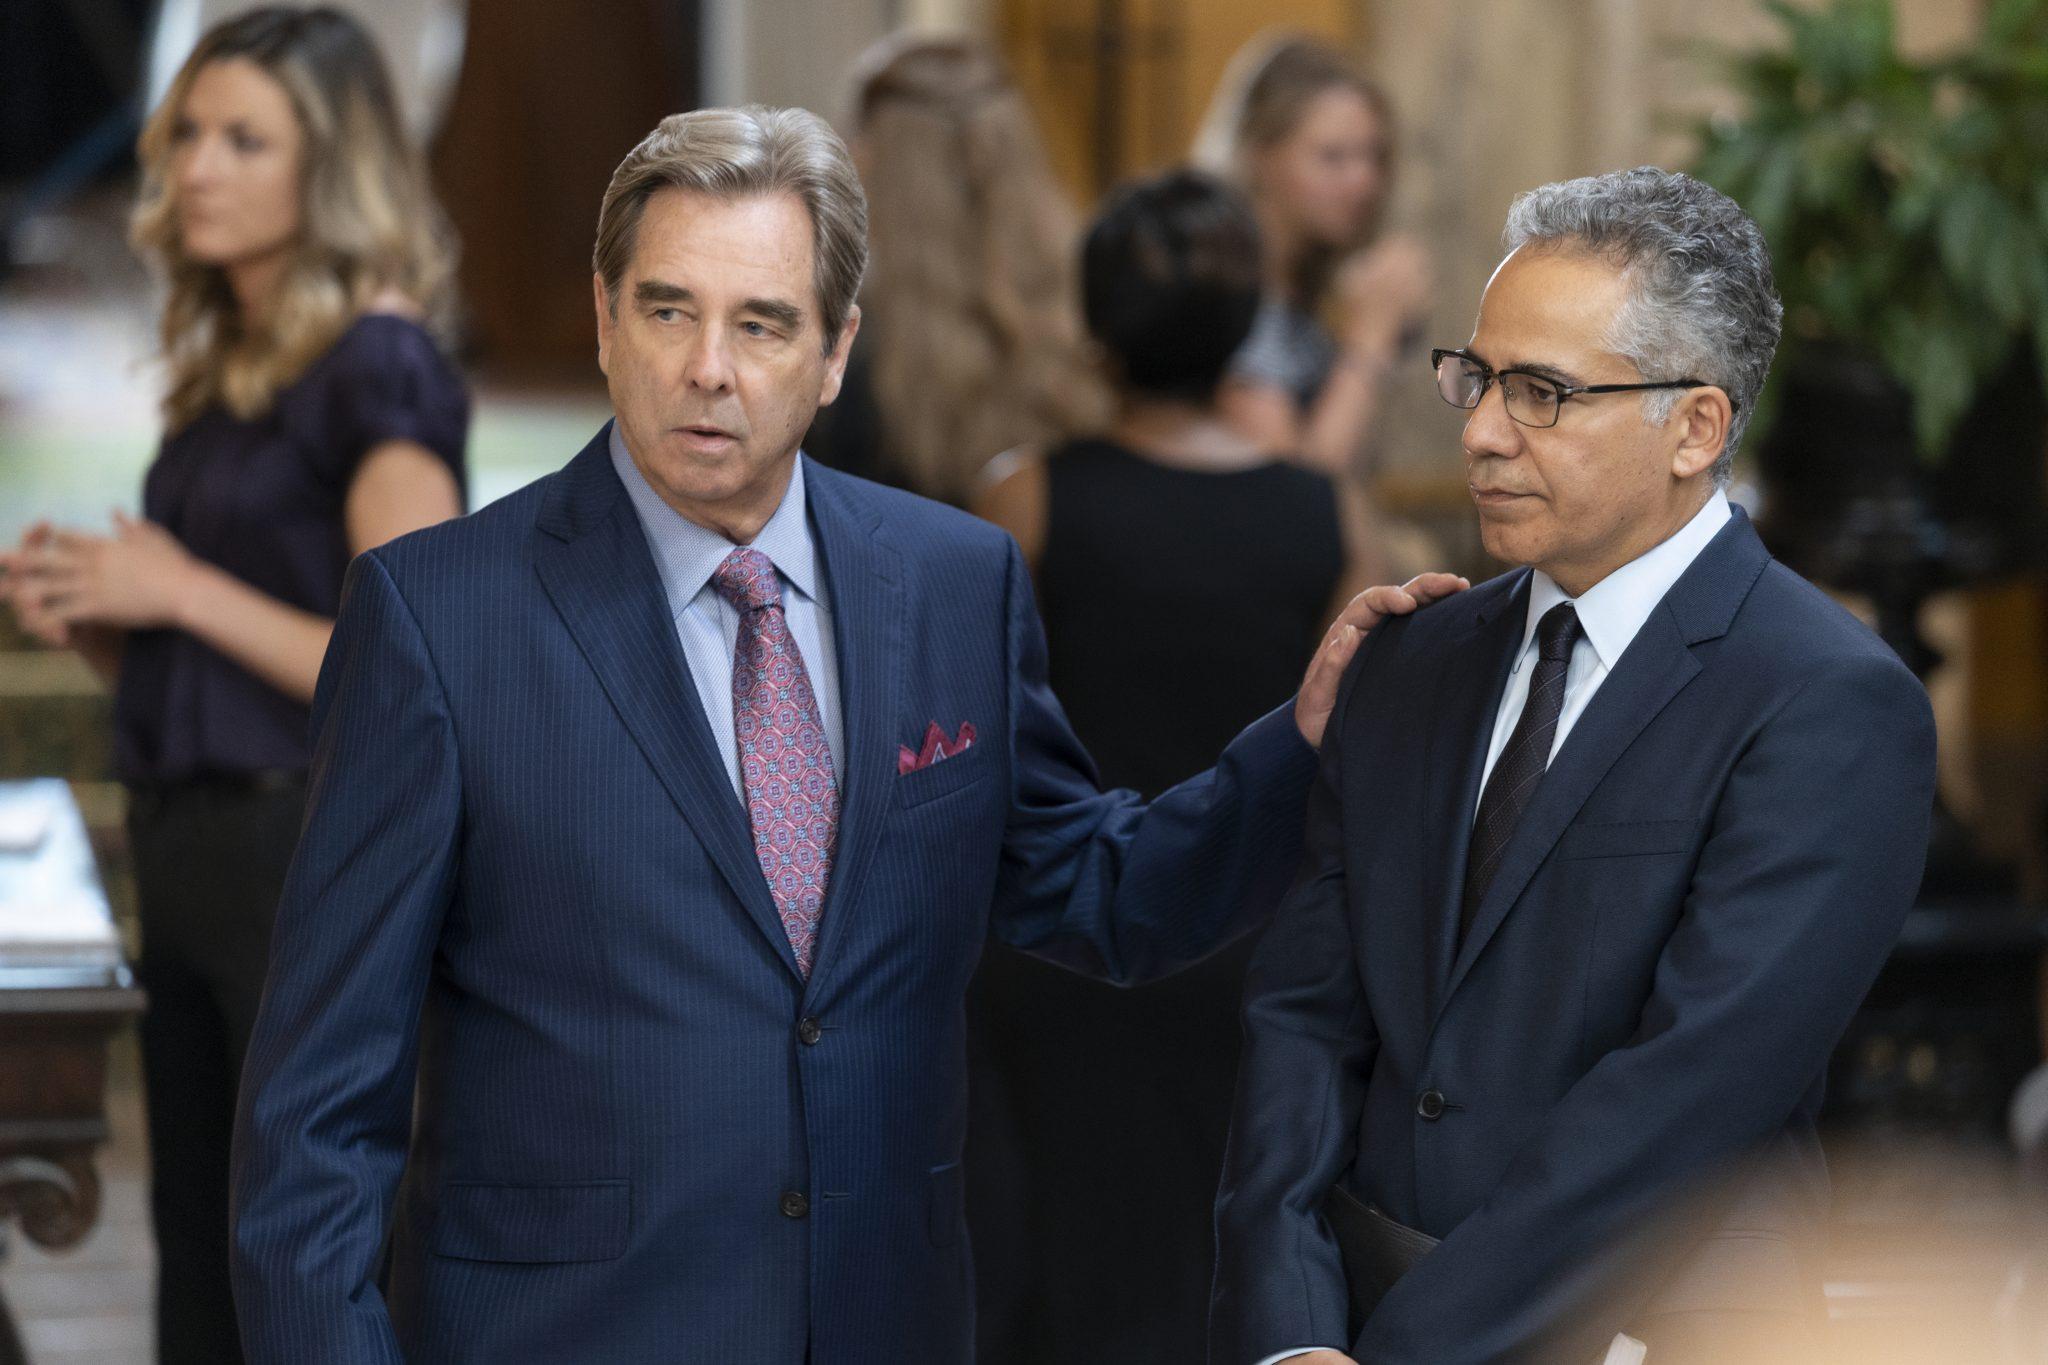 Zwei Vertreter der US-Behörden diskutieren zusammen in Messiah